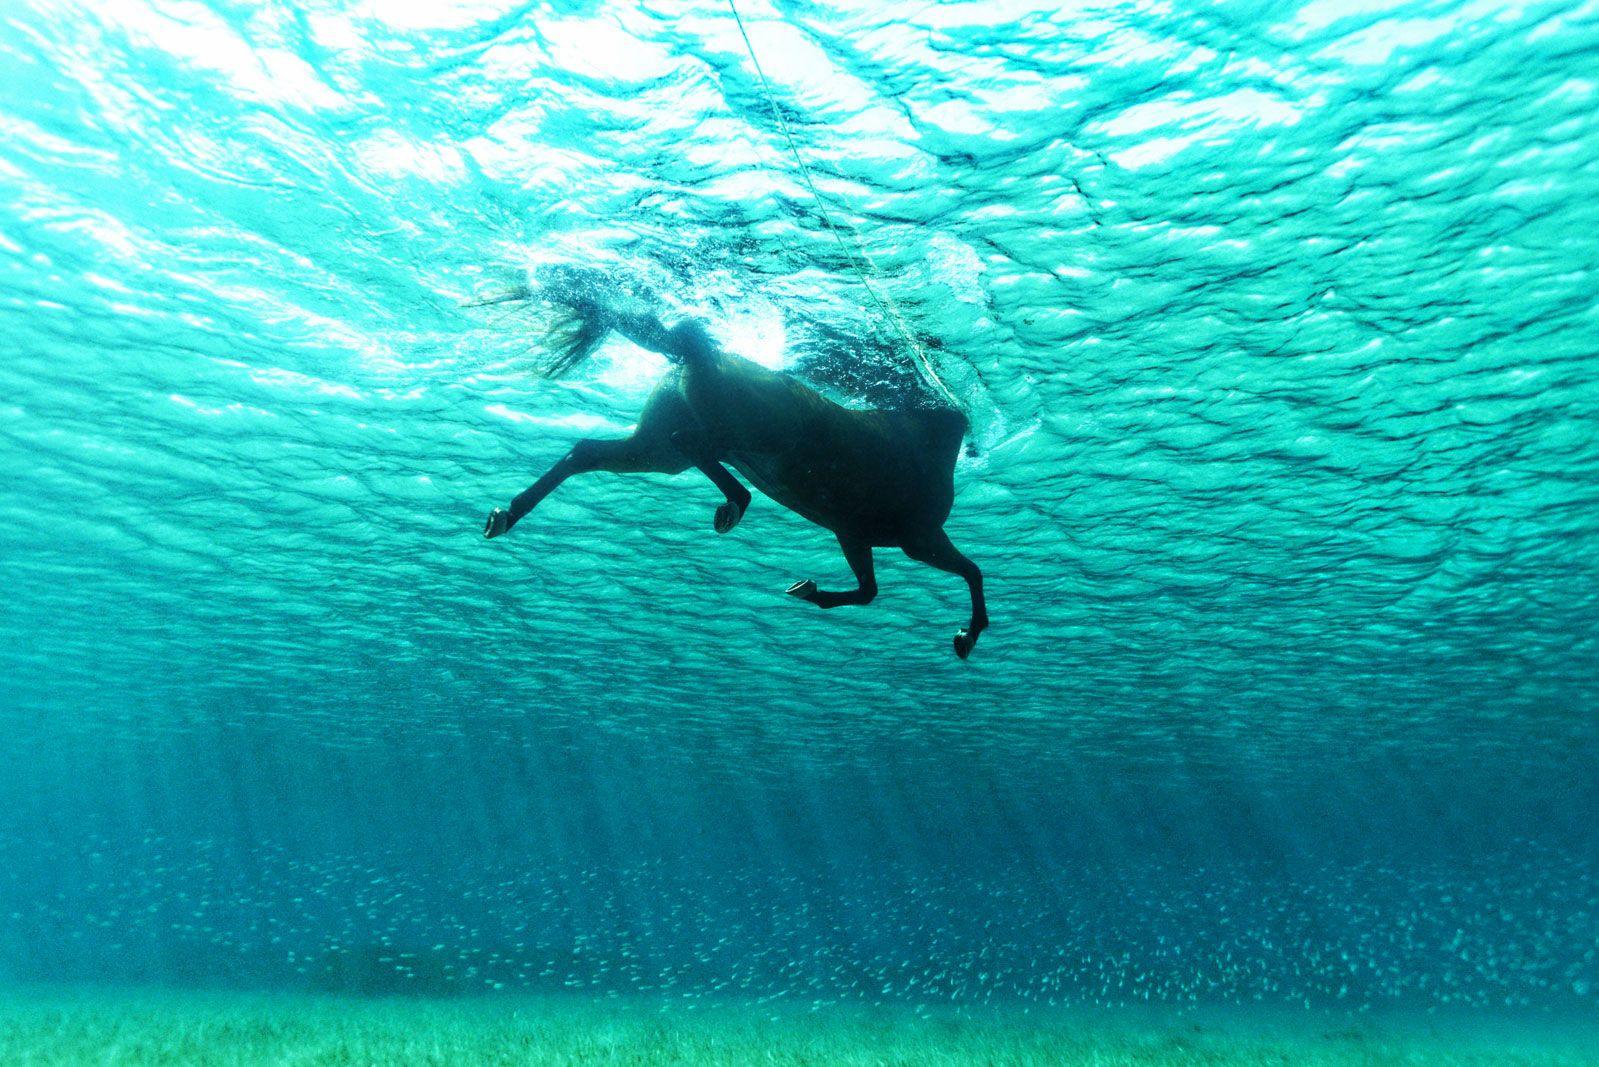 L Image De La Semaine L Incroyable Galopee Aquatique D Un Cheval Cheval Galop Photos De Chevaux Image Cheval